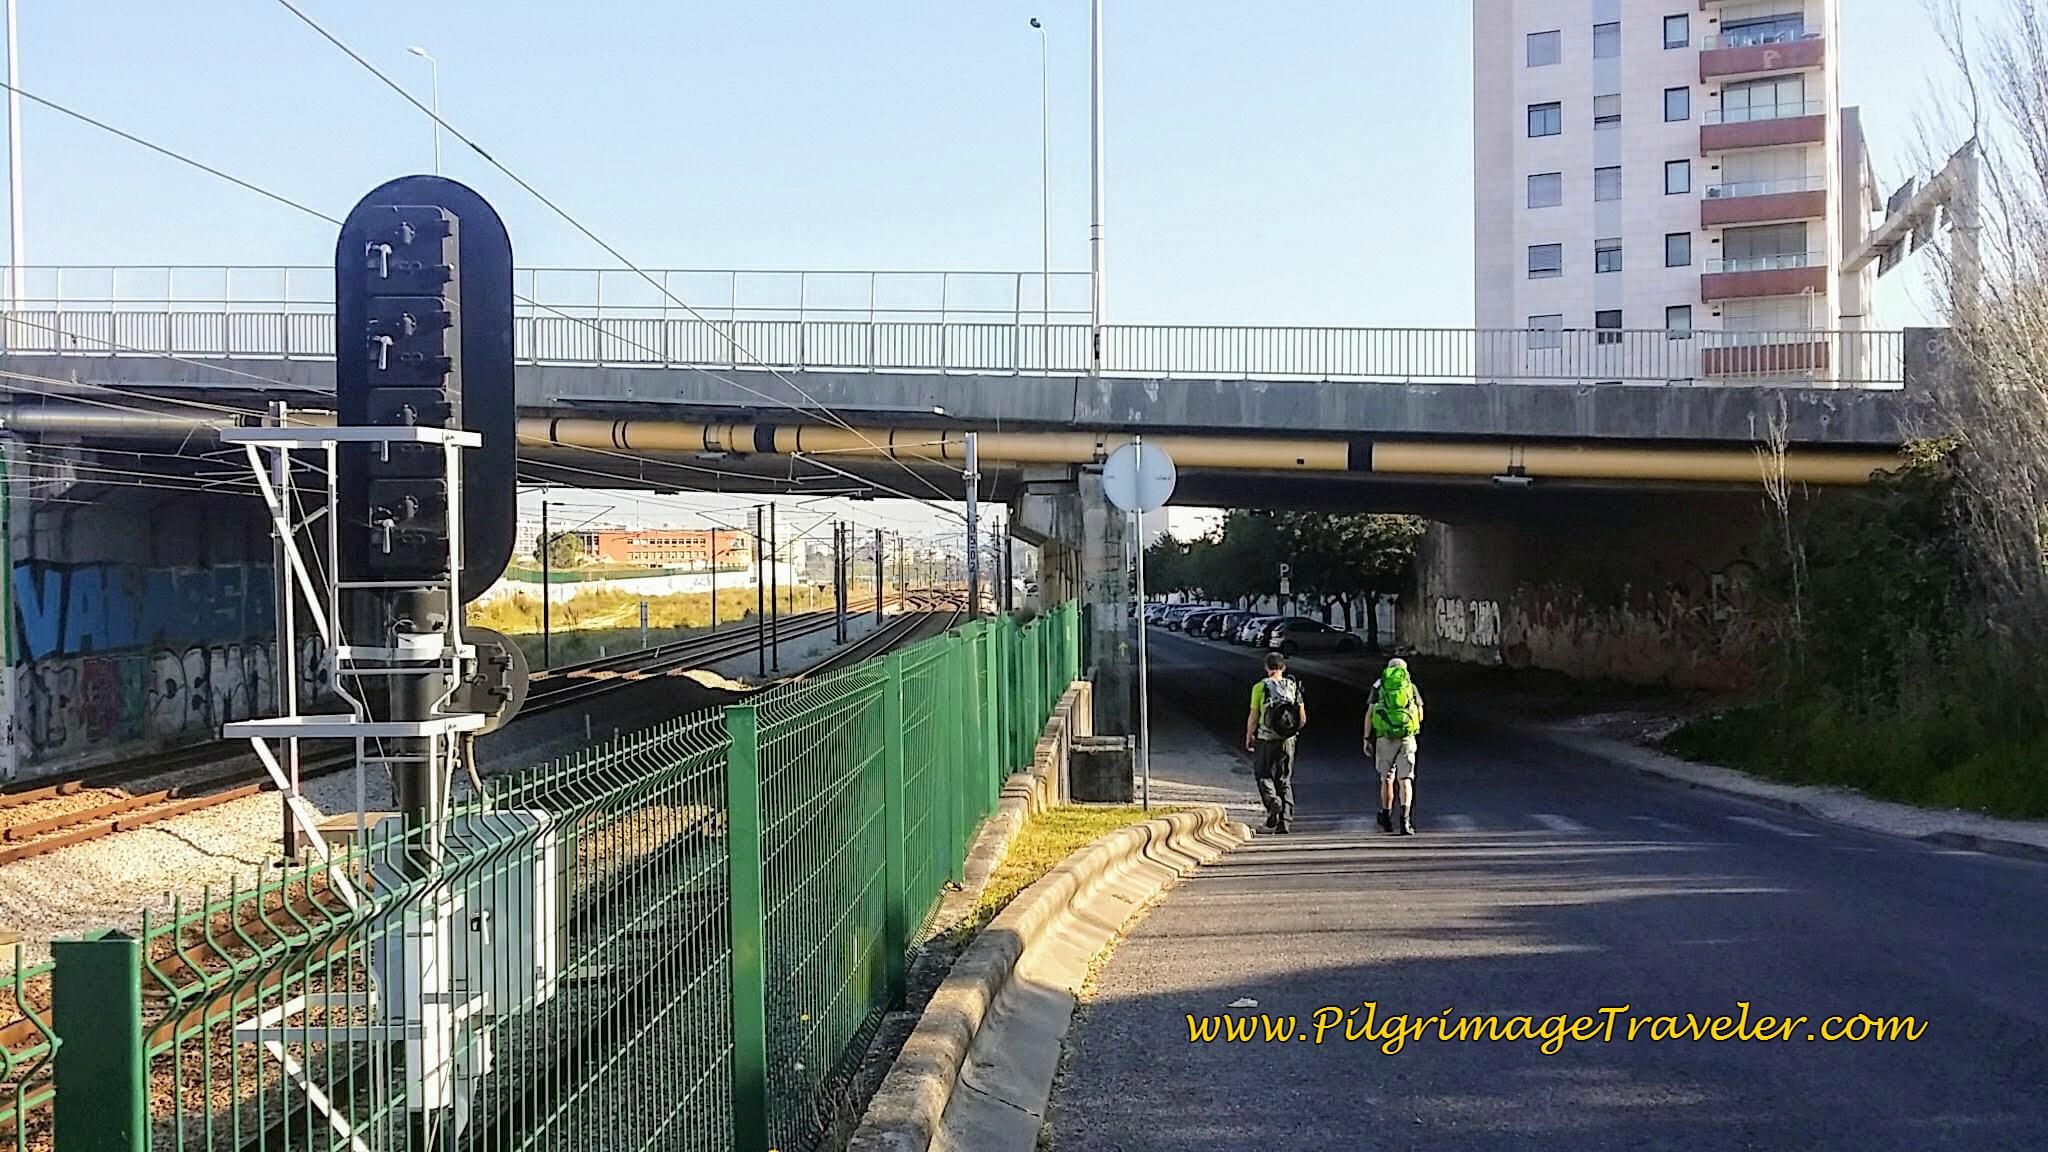 Rua Vale Formoso ~ Descending Toward the Rio Tejo, Lisbon, Portugal